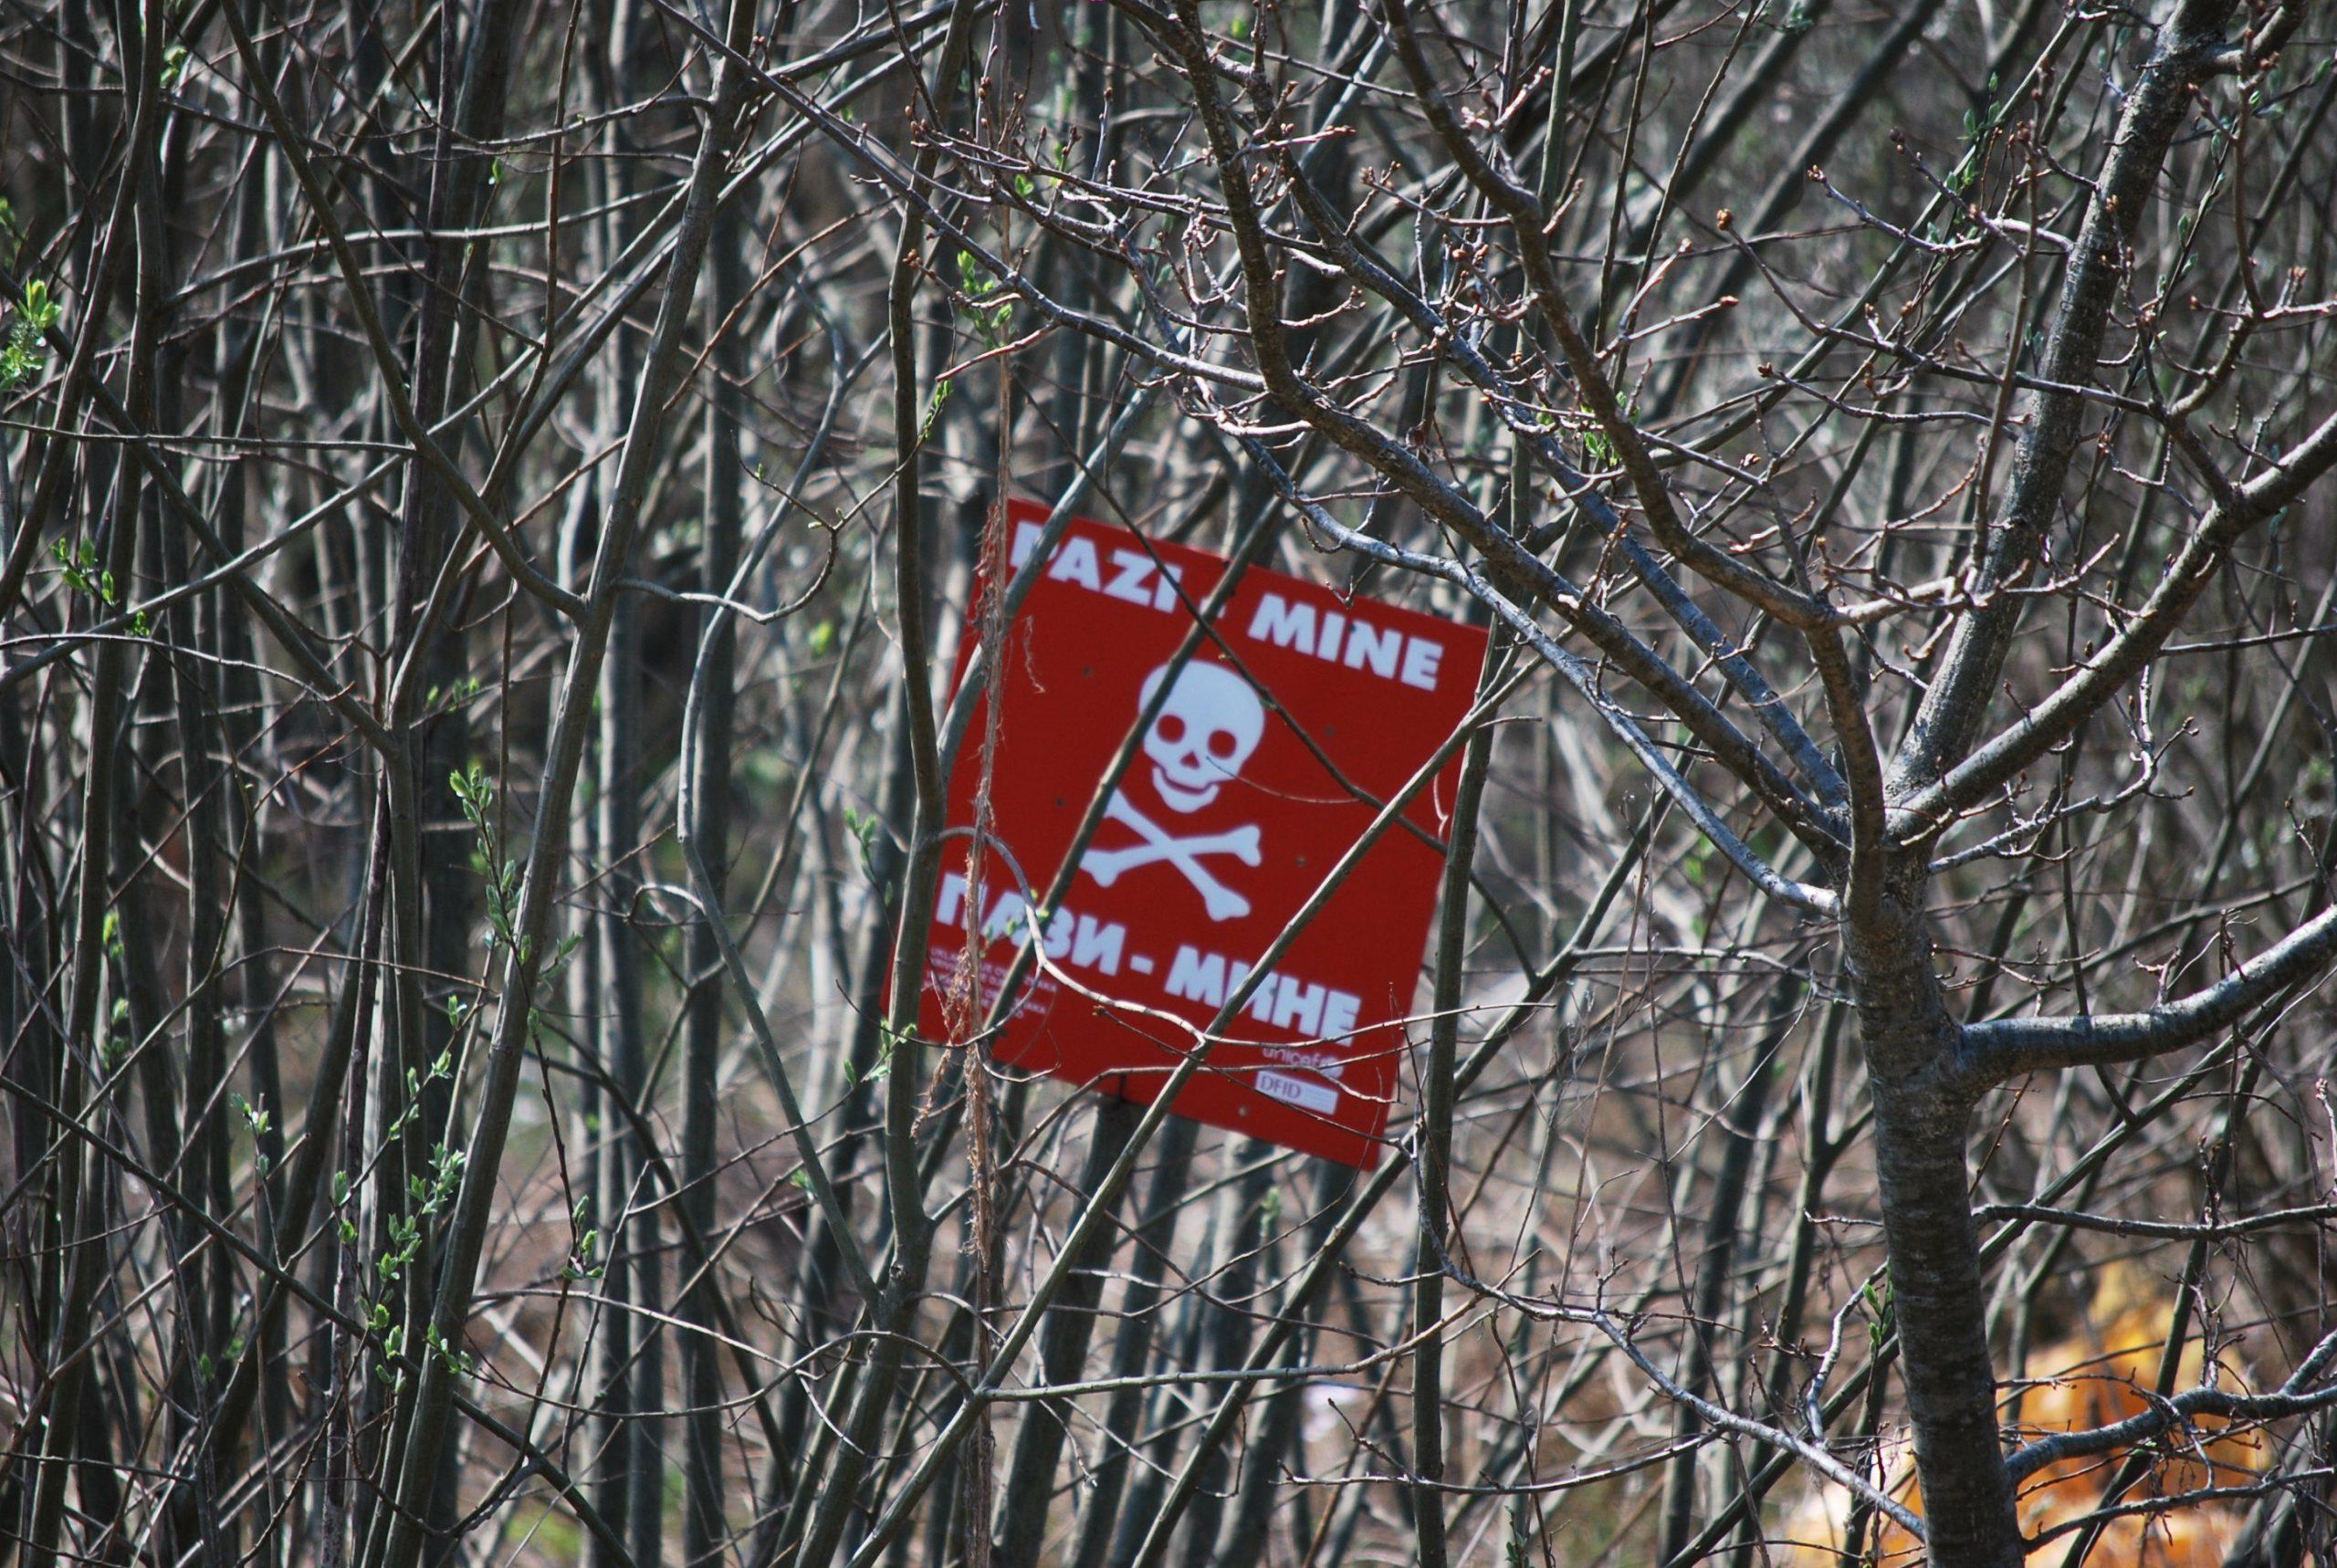 Schild mit Hinweis auf eine tödliche Gefahr in einem Gestrüpp